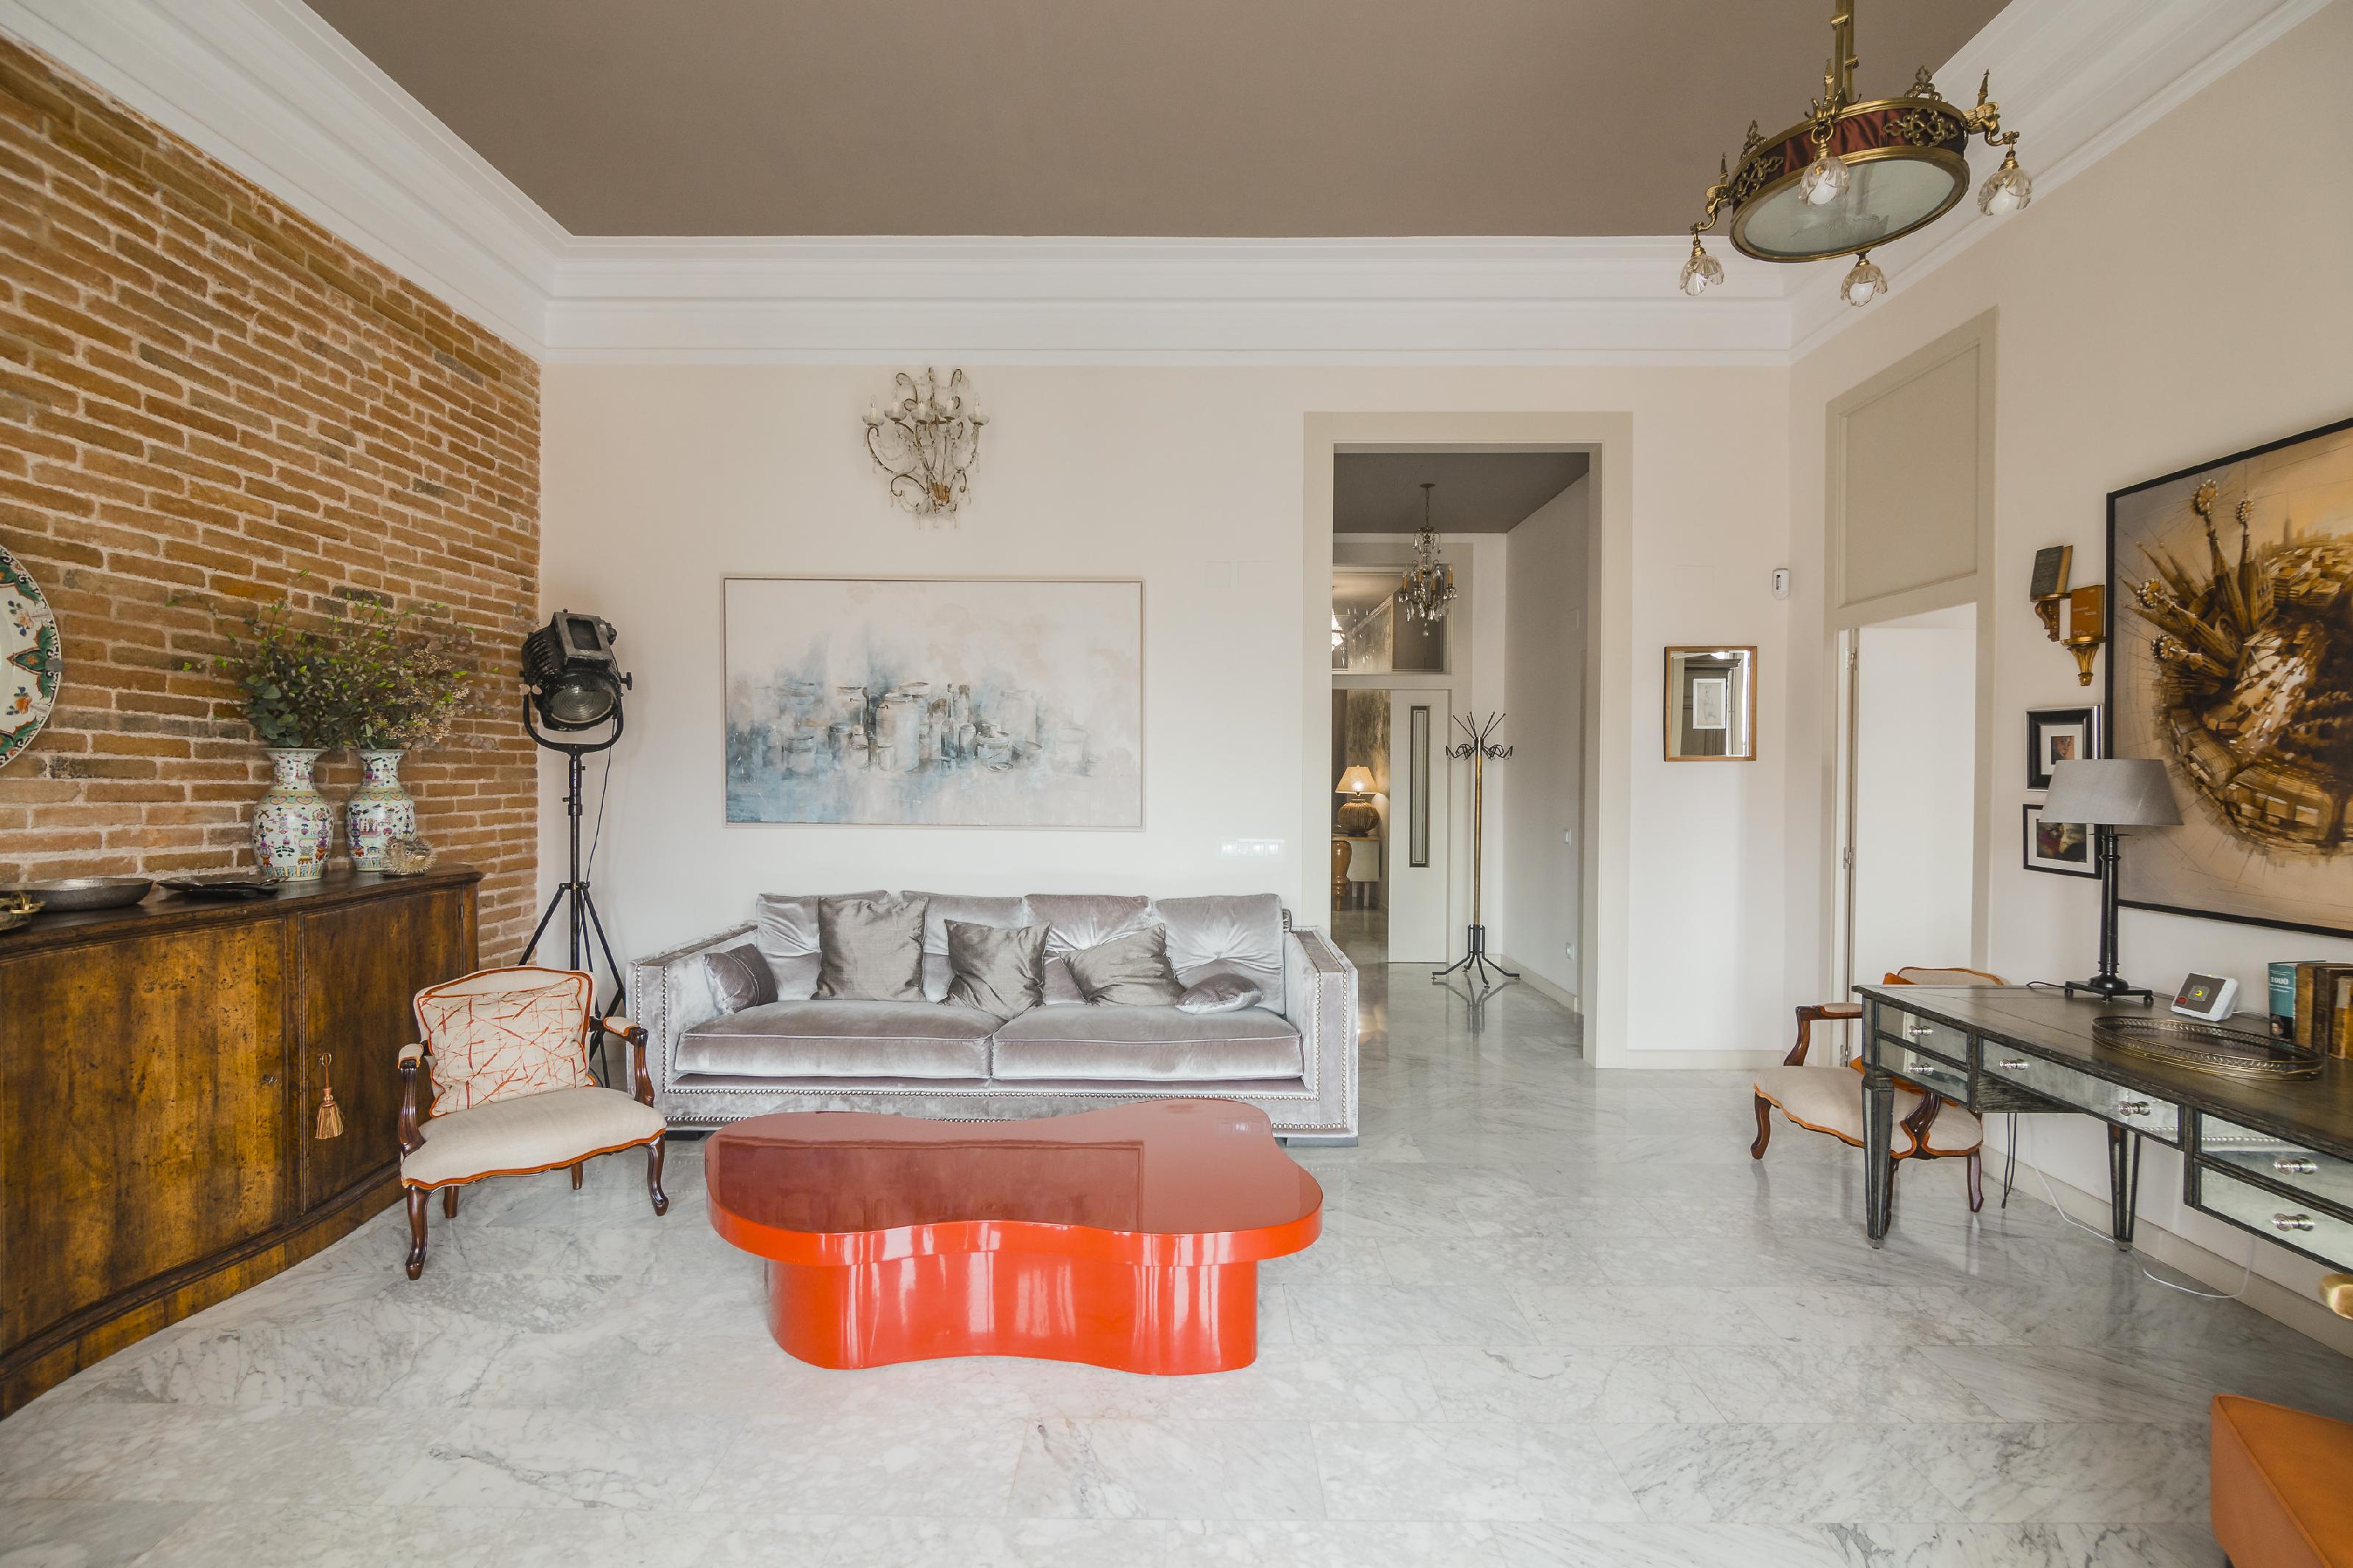 248206 Flat for sale in Gràcia, Vila de Gràcia 20